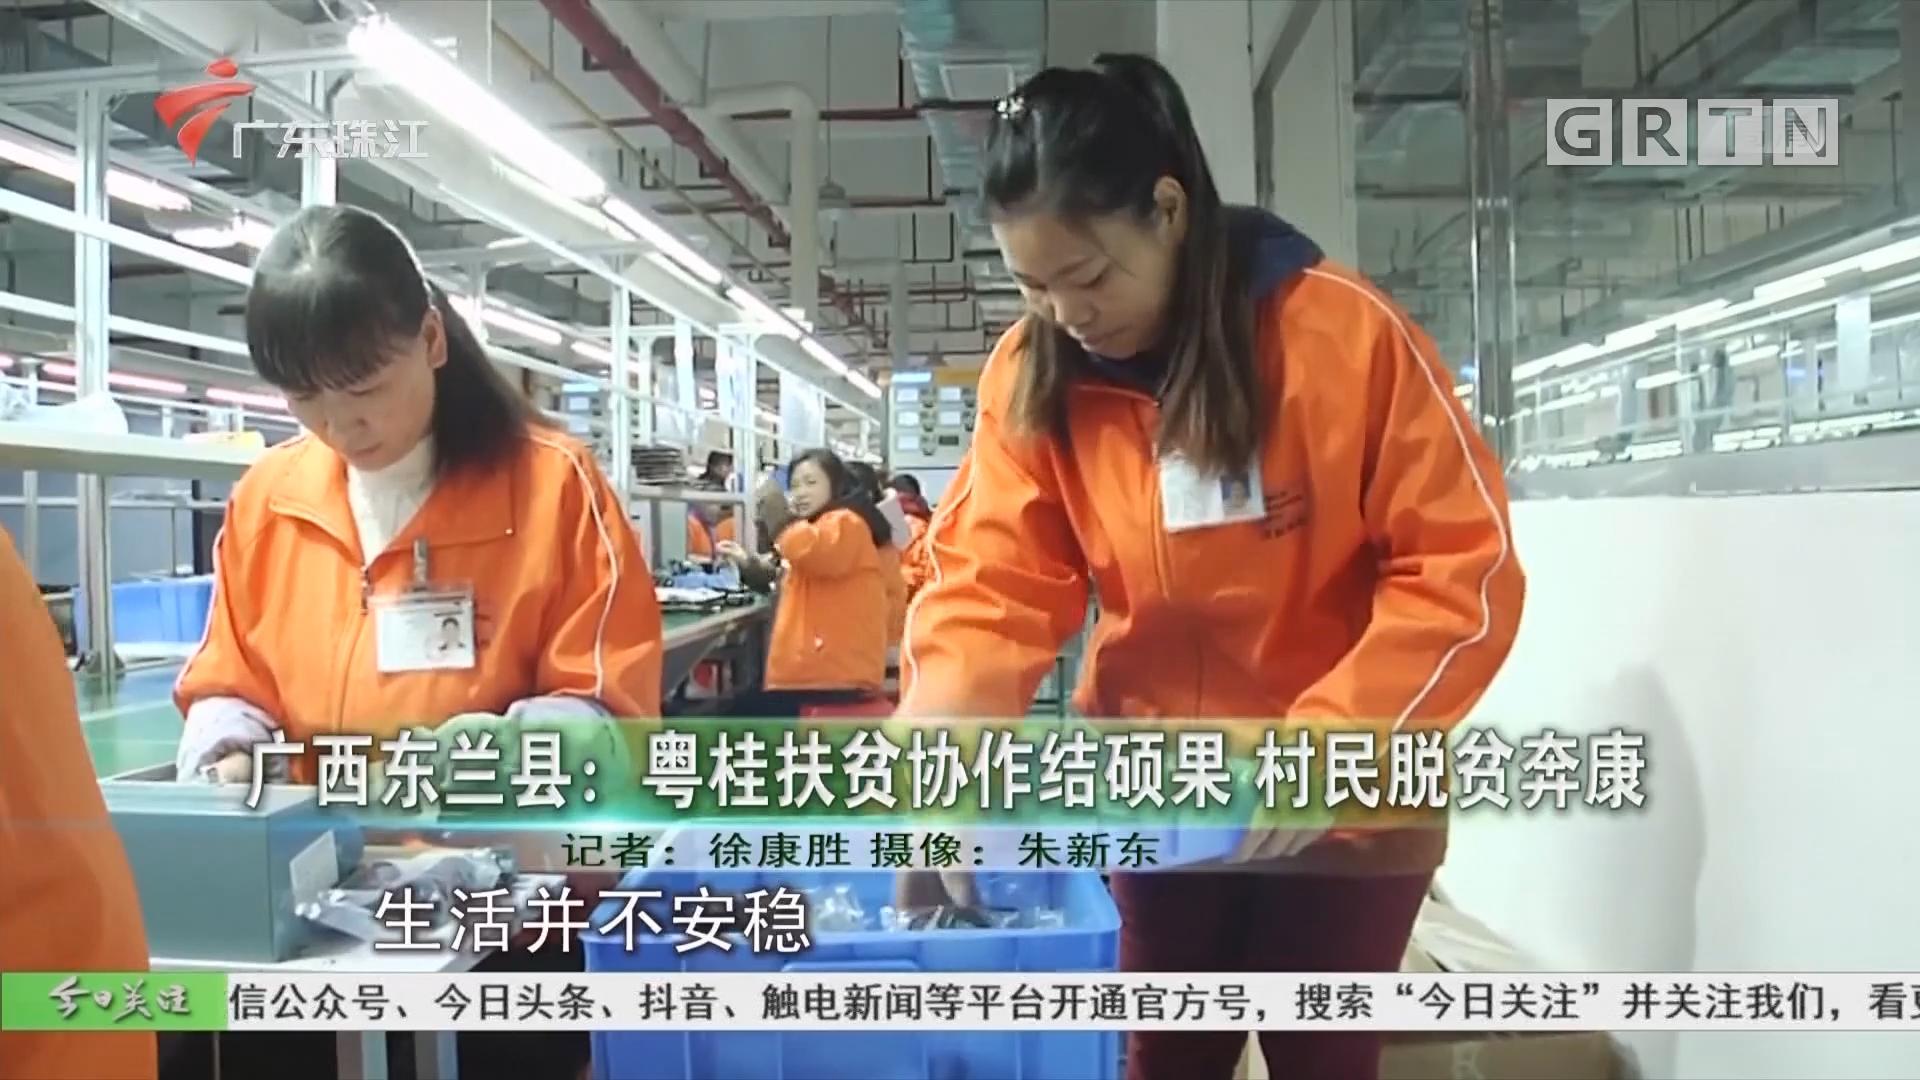 广西东兰县:粤桂扶贫协作结硕果 村民脱贫奔康